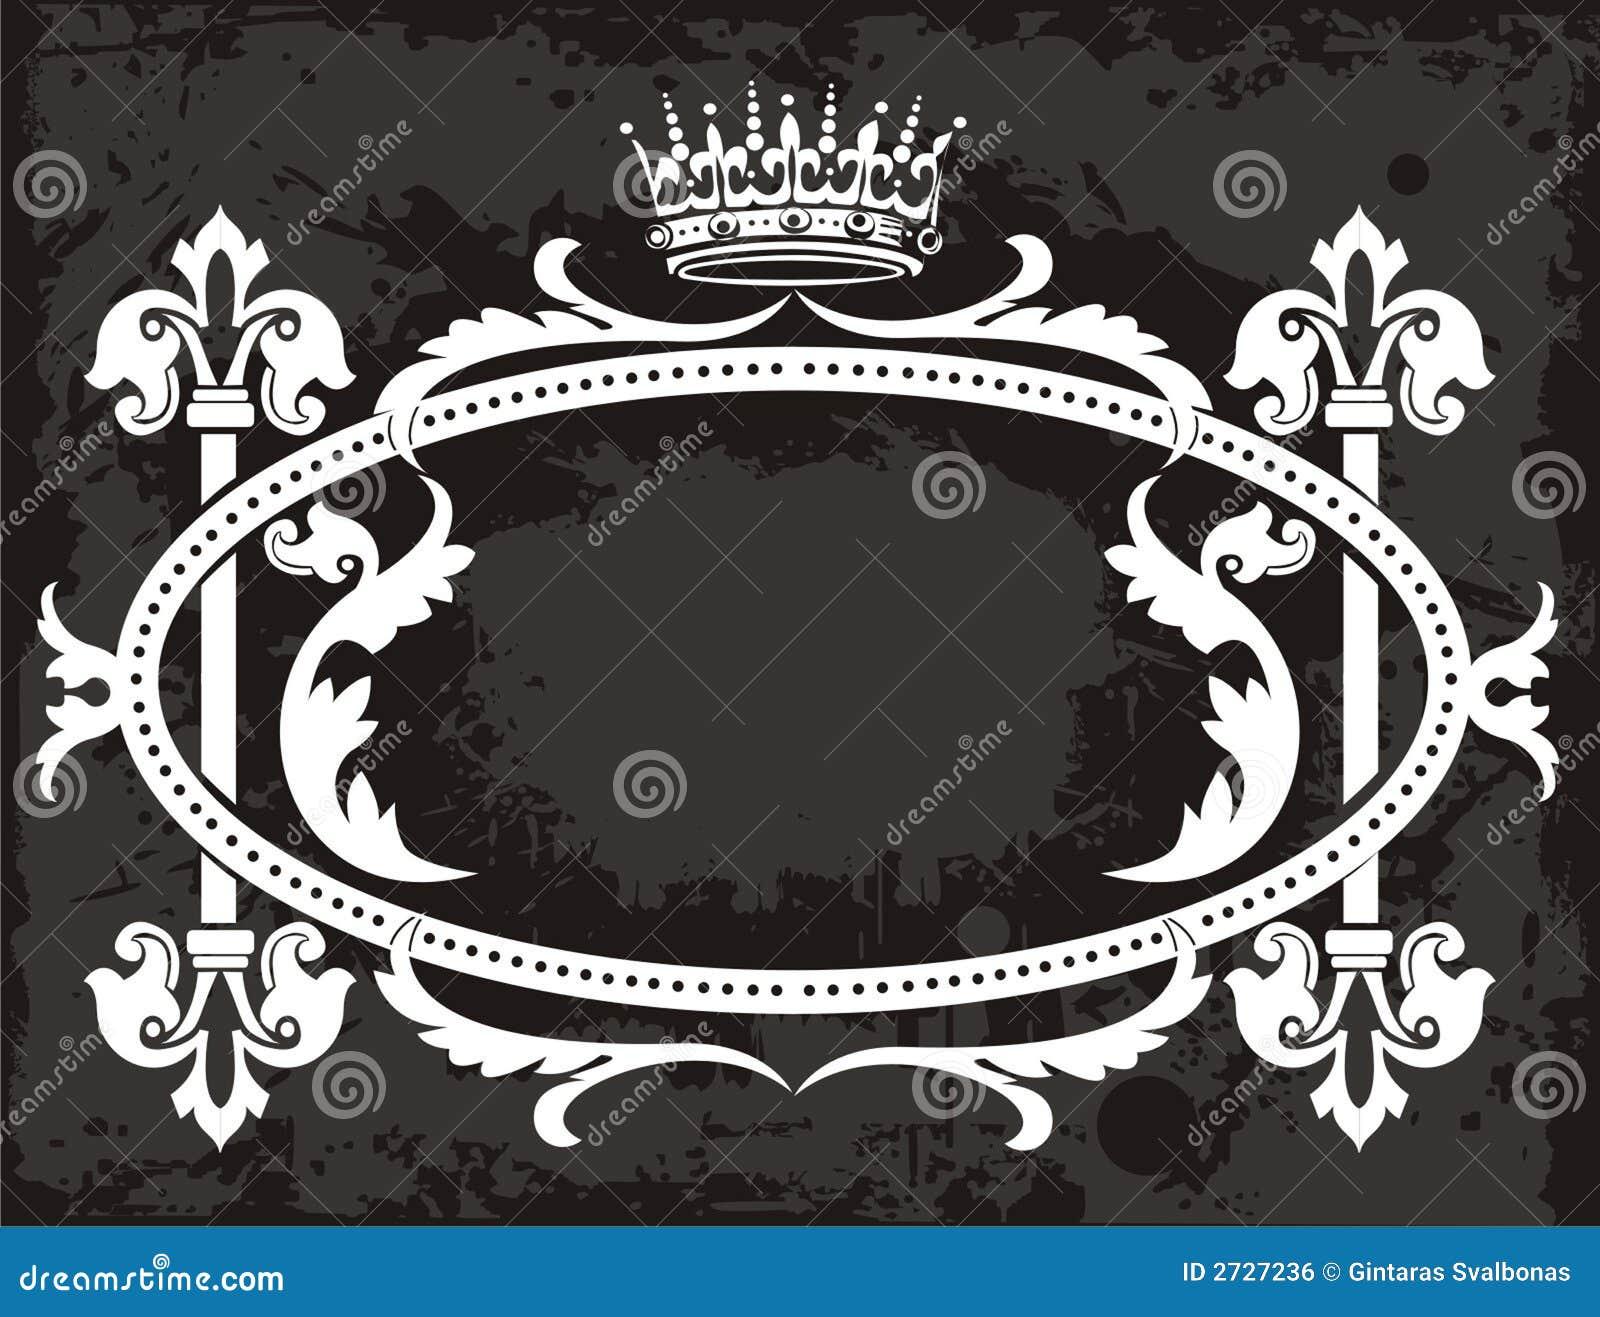 old crown frame